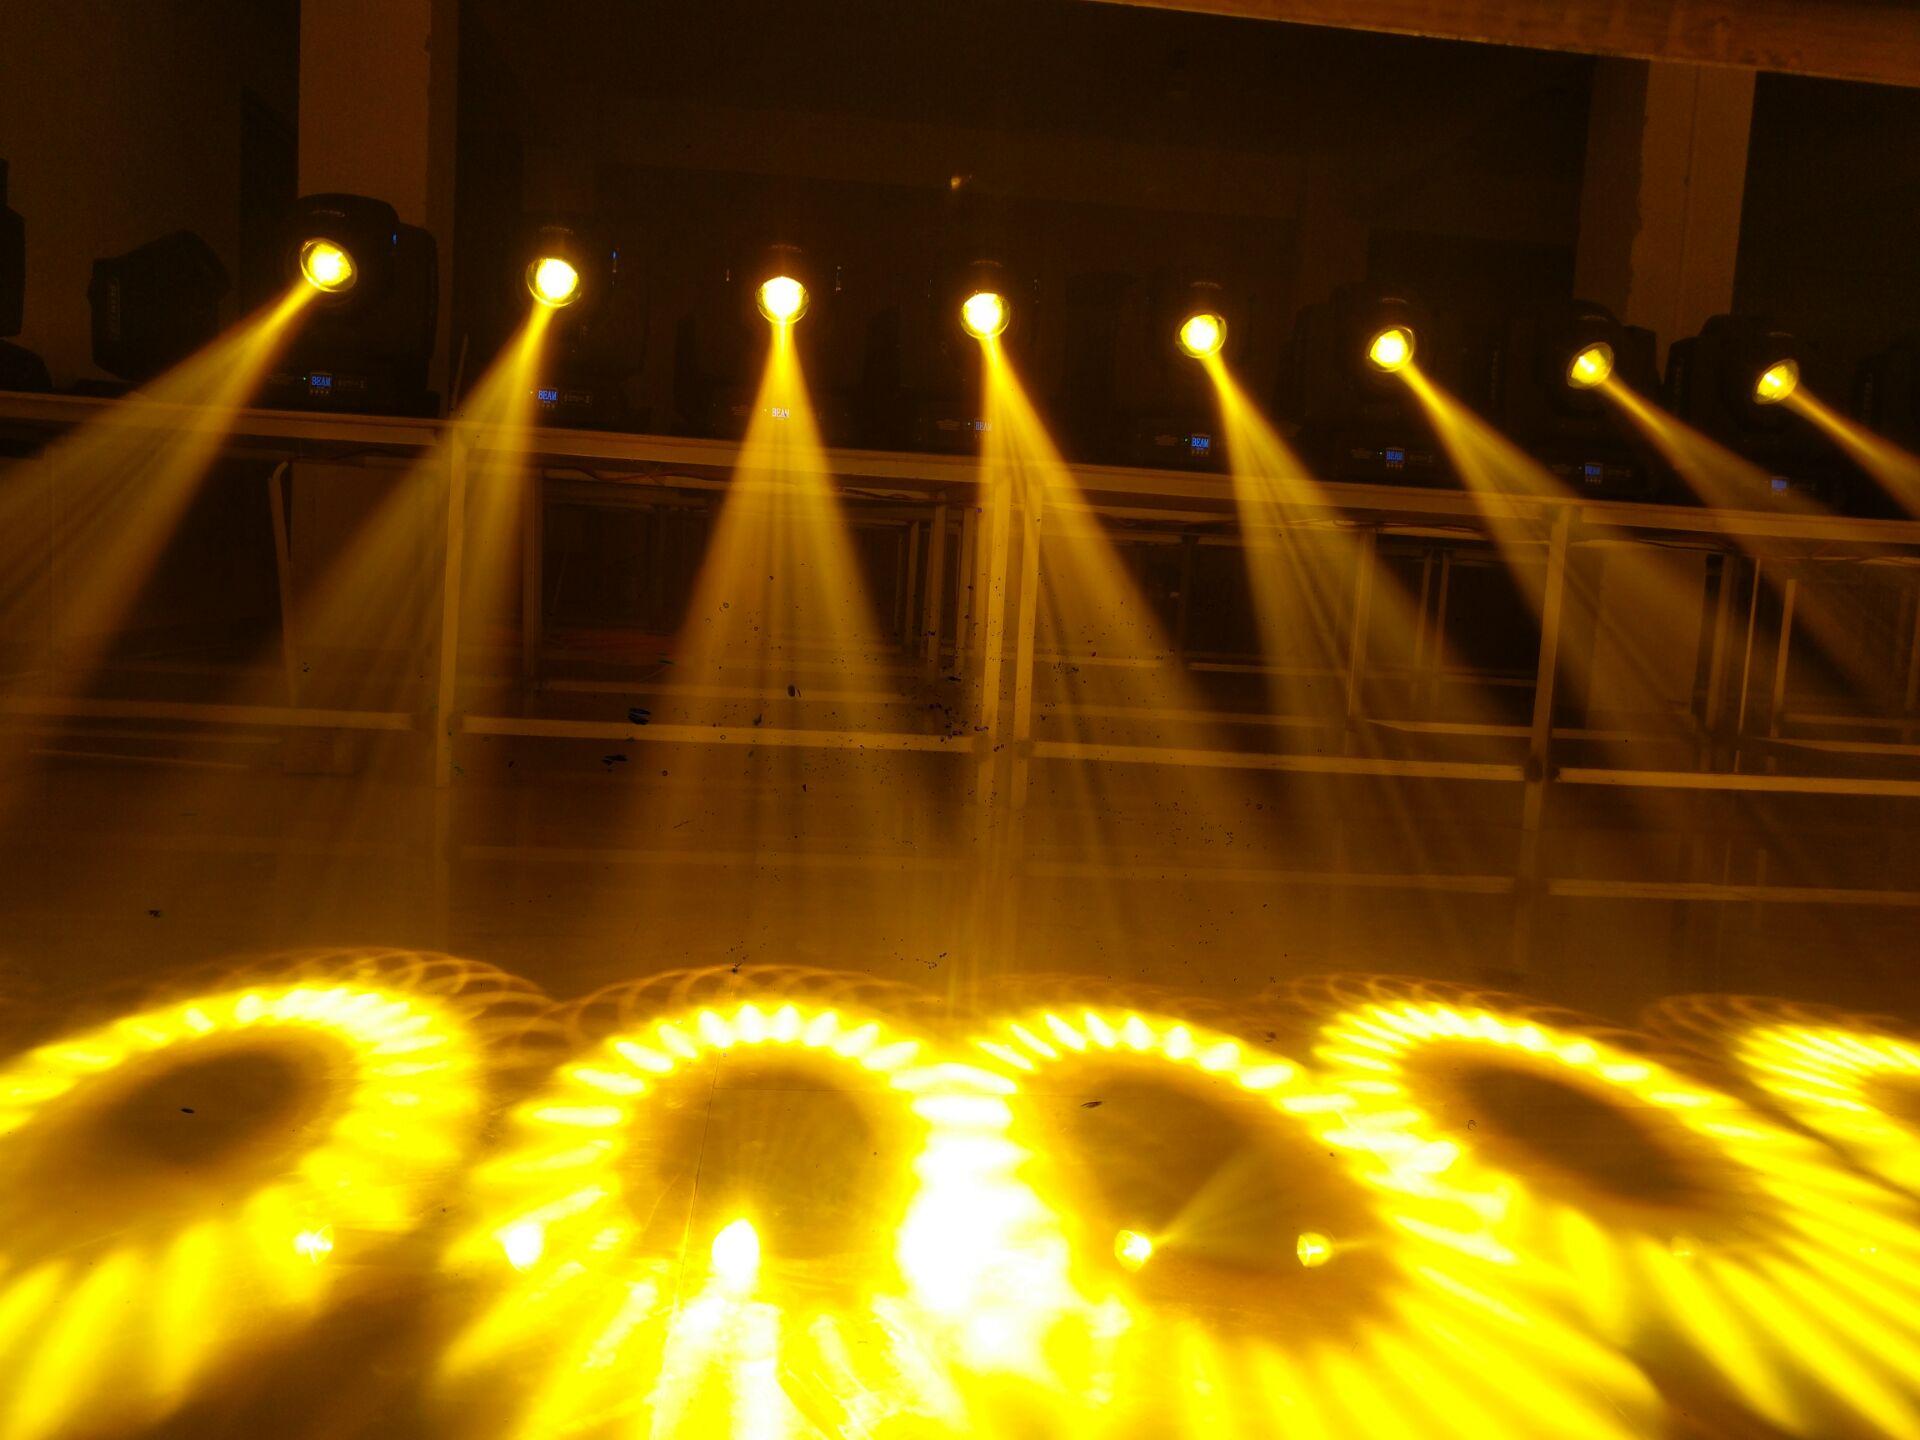 酒吧灯光如何设置定位效果图